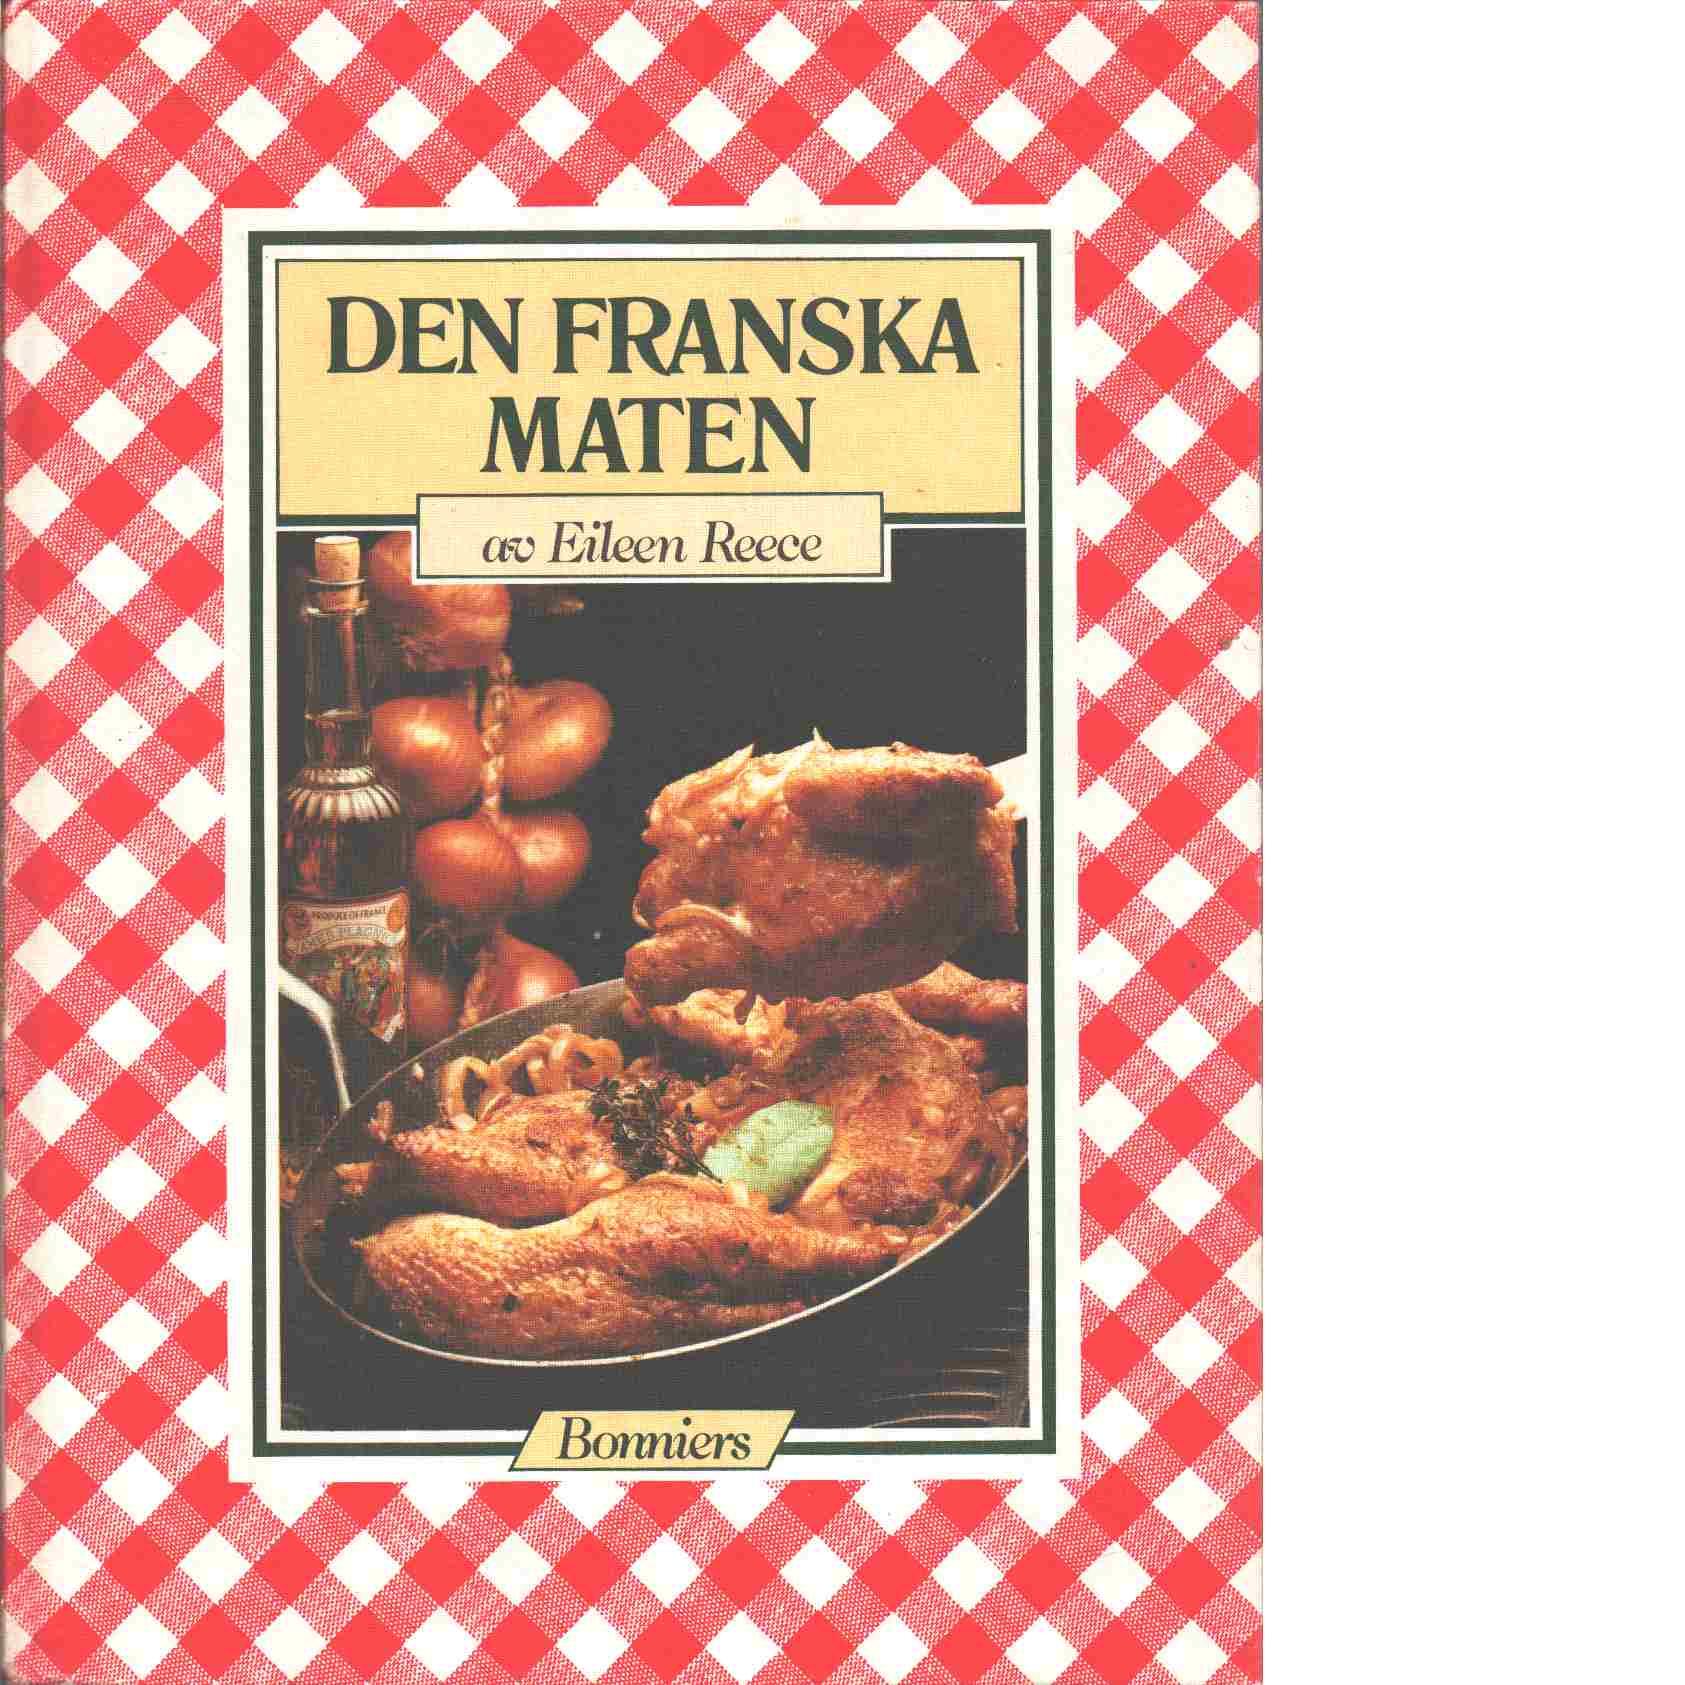 Den franska maten - Reece, Eileen